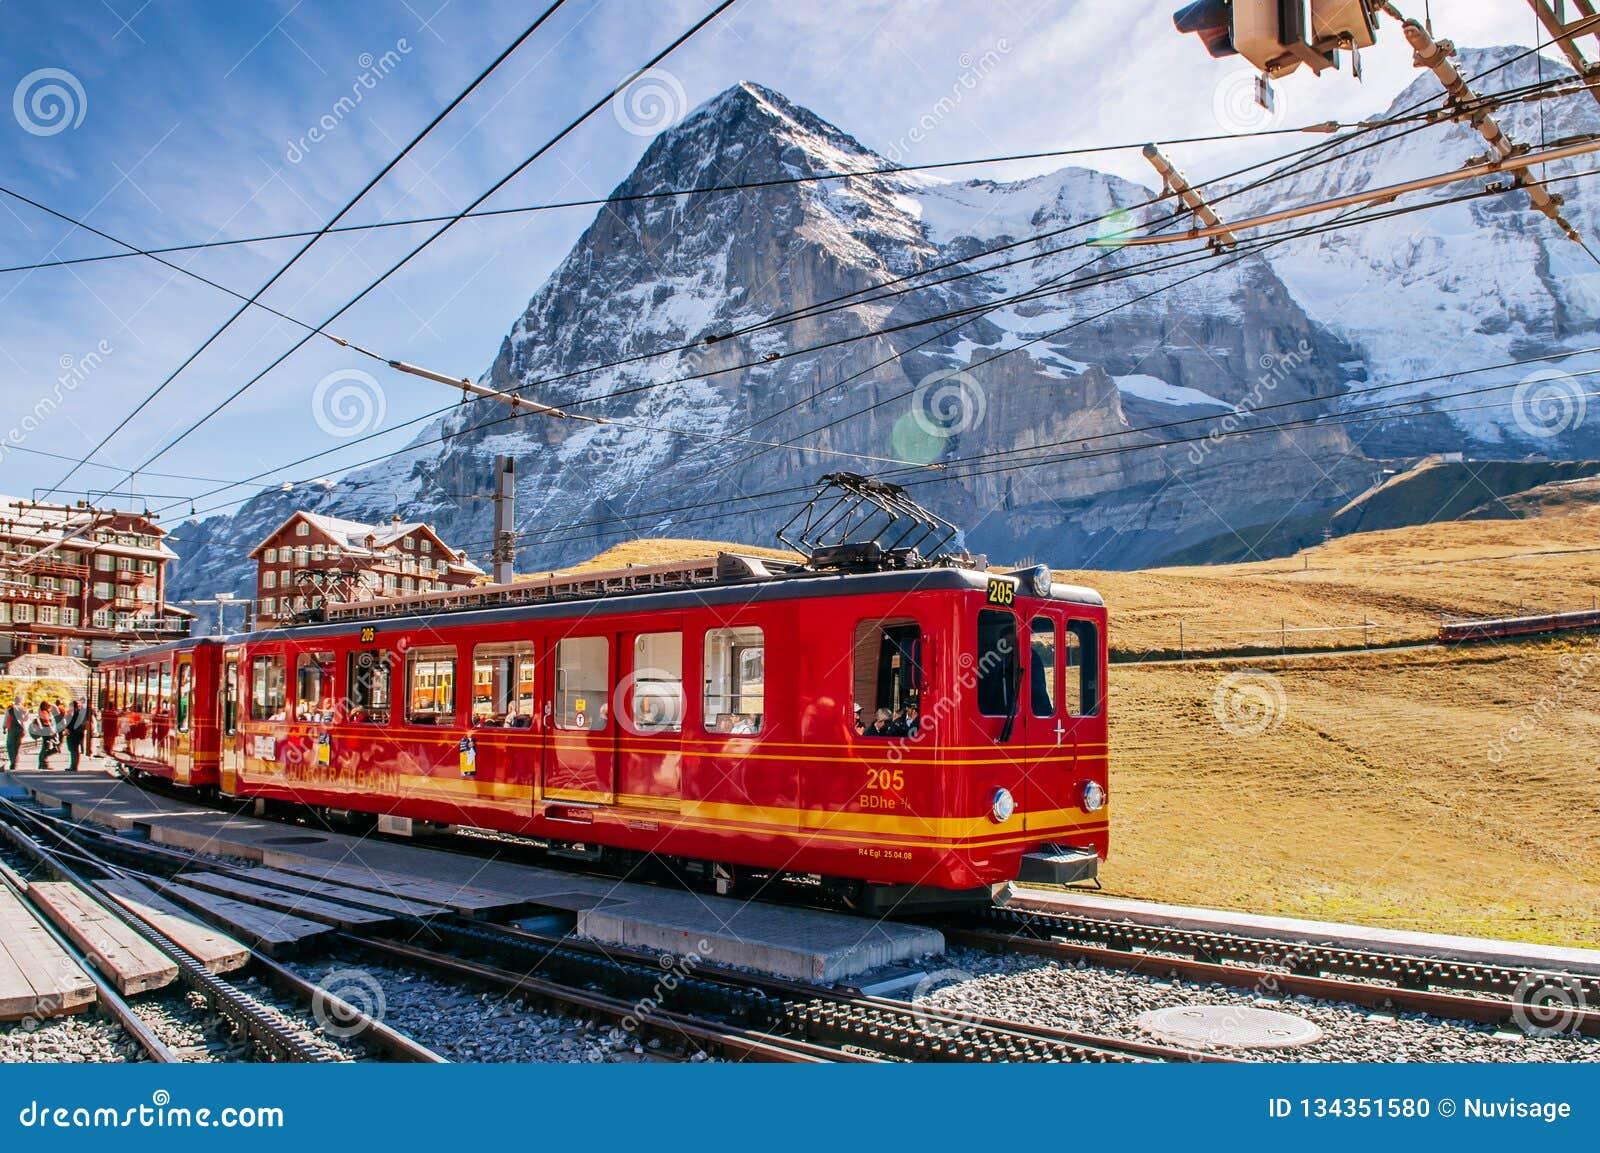 Trem da estrada de ferro de Jungfrau na estação de Kleine Scheidegg com pico de Eiger e de Monch